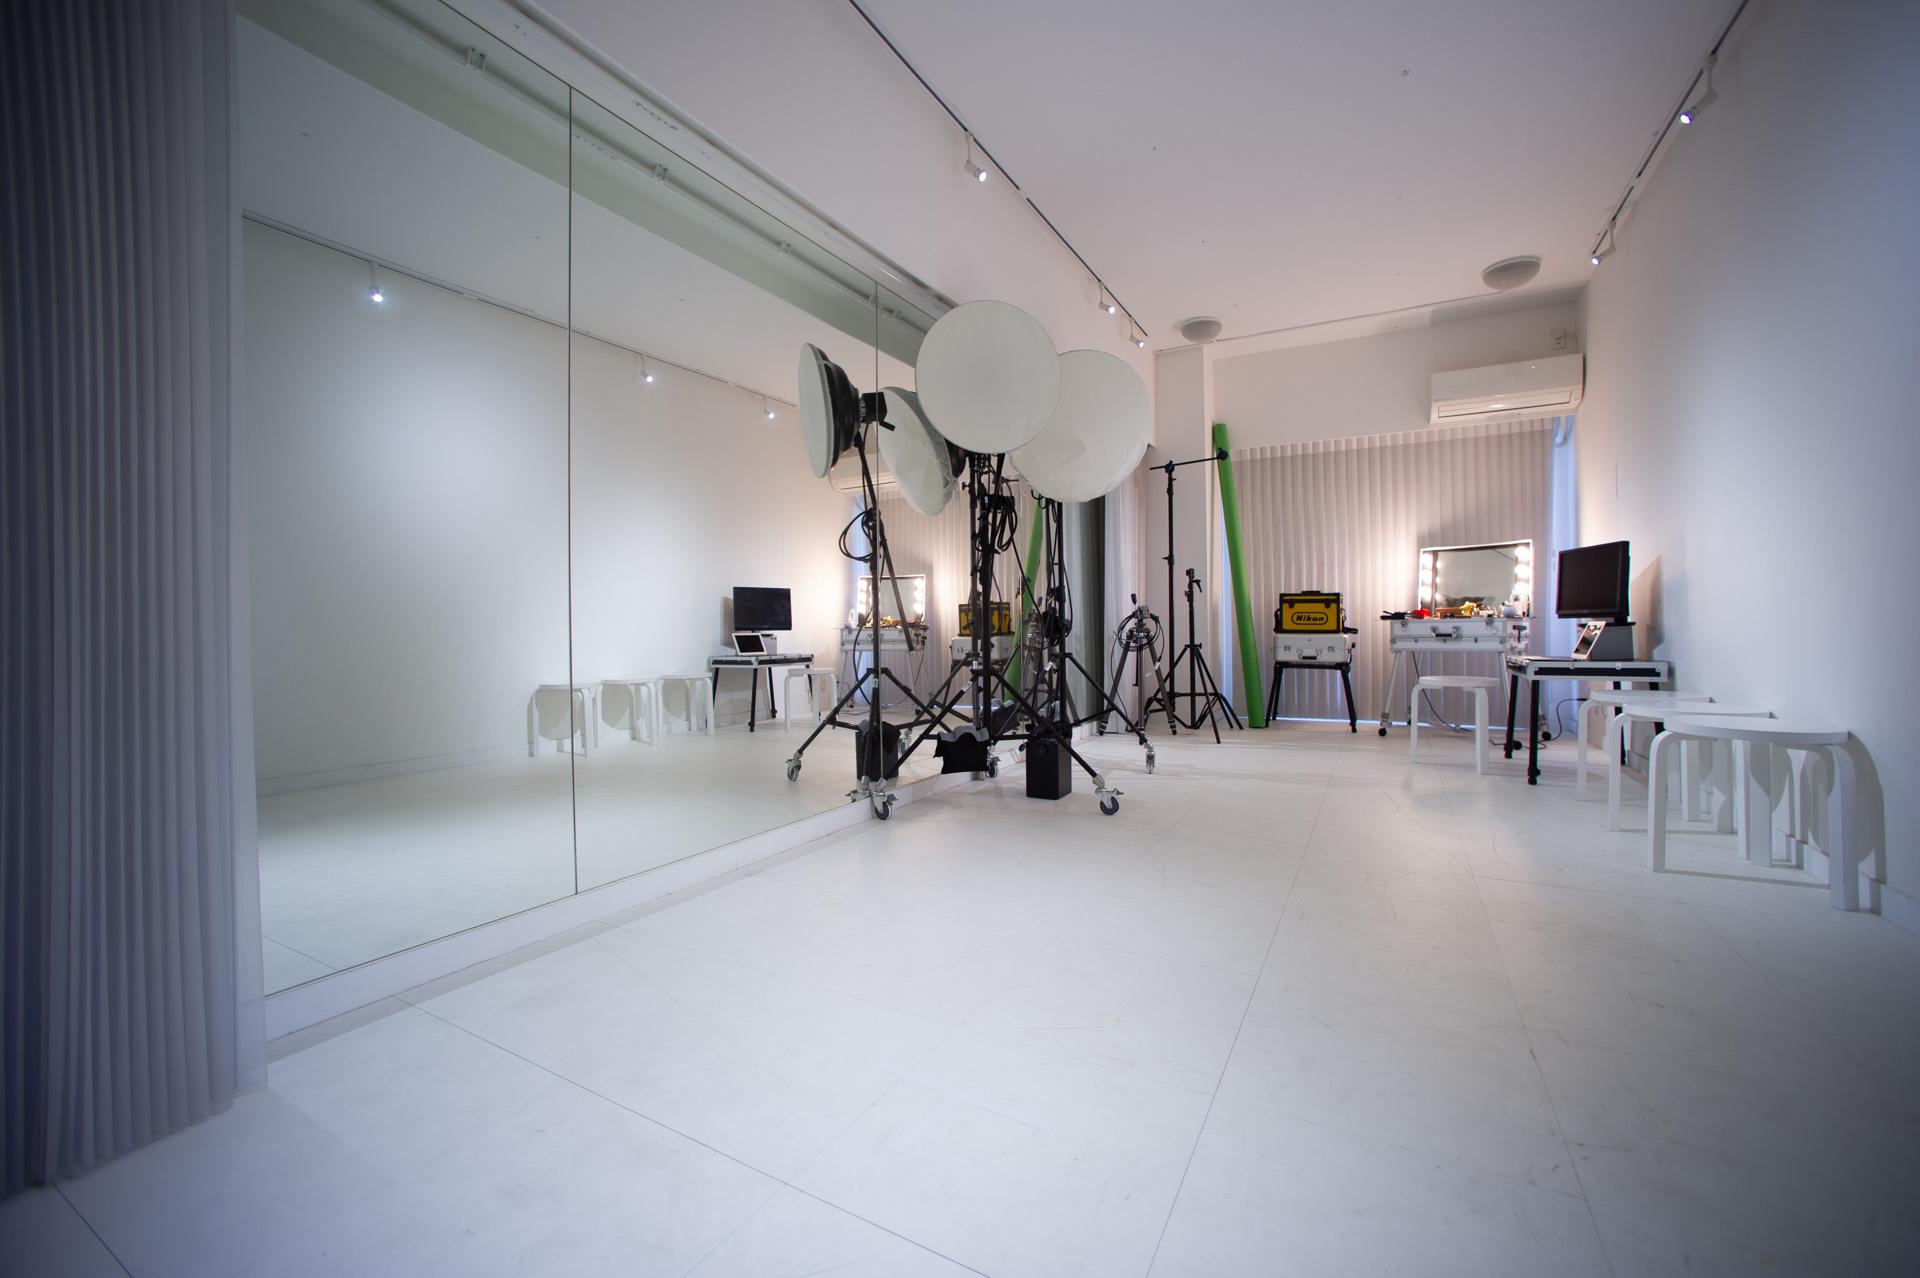 美しいスタジオポートレート写真をお届けします!